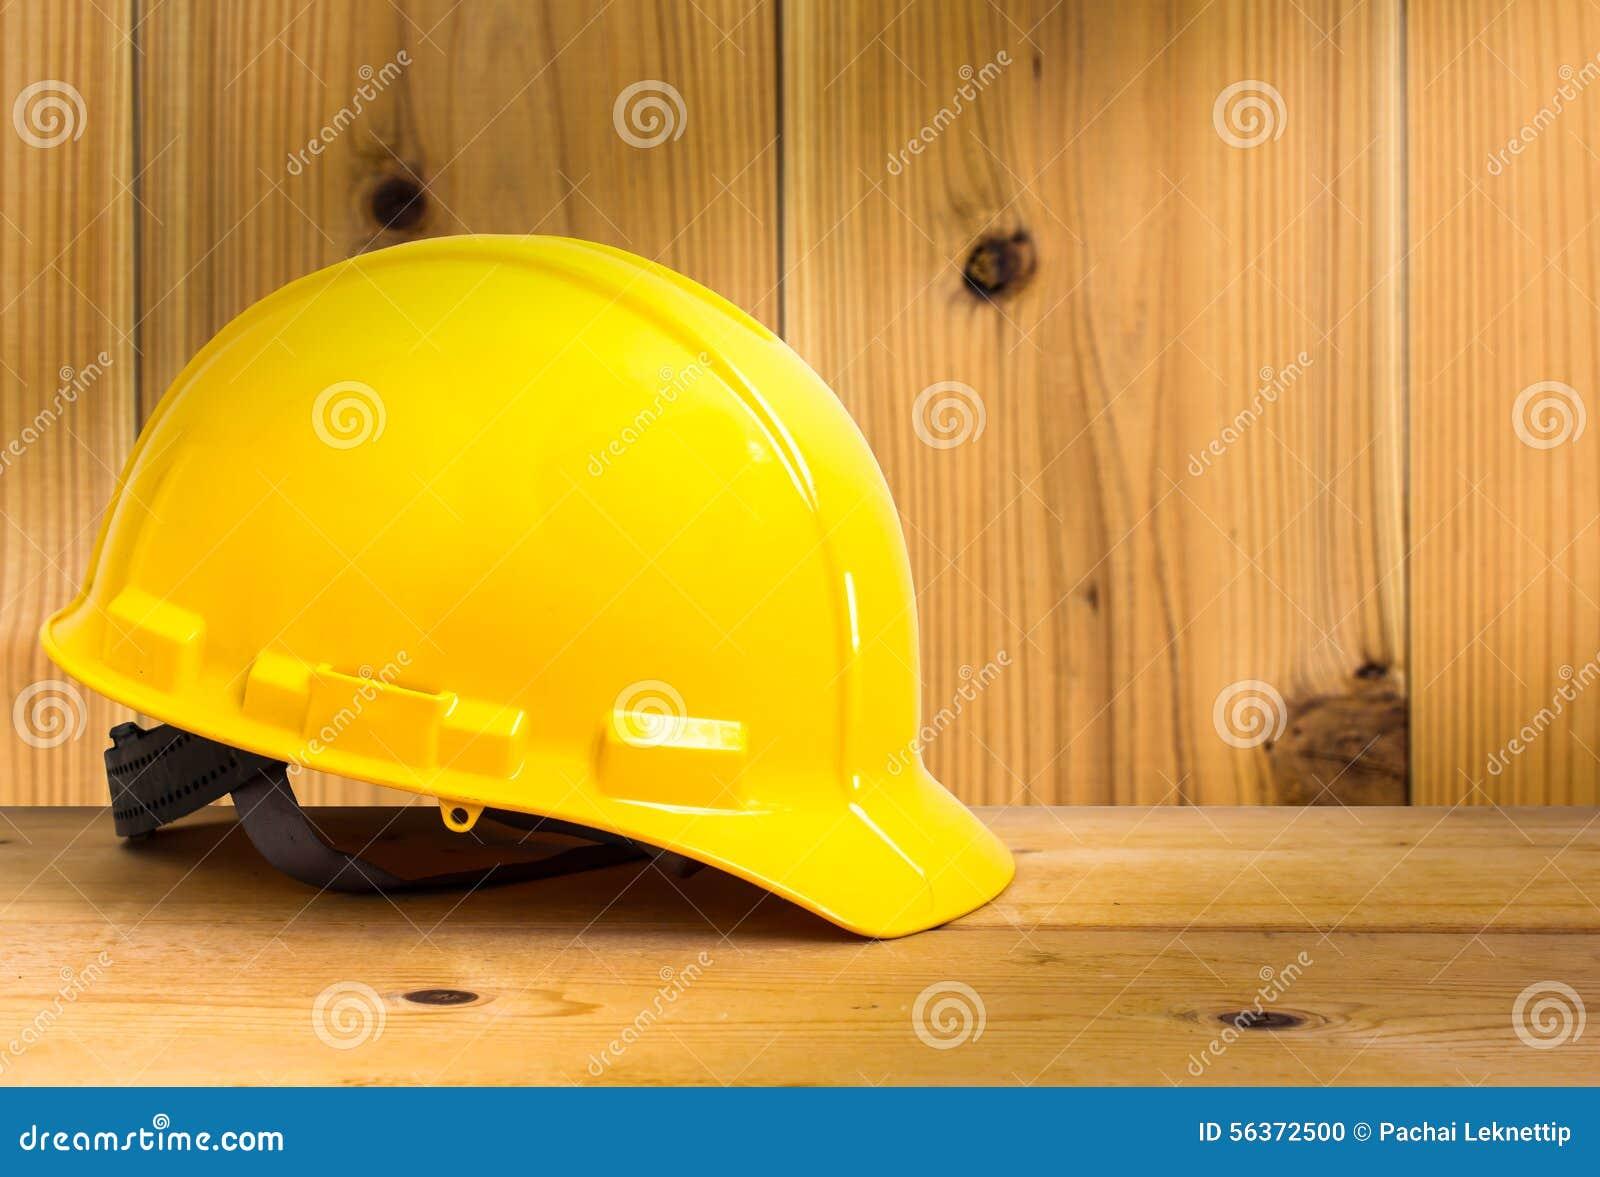 Gul säkerhetshjälm på trägolv med Wood väggbakgrund,